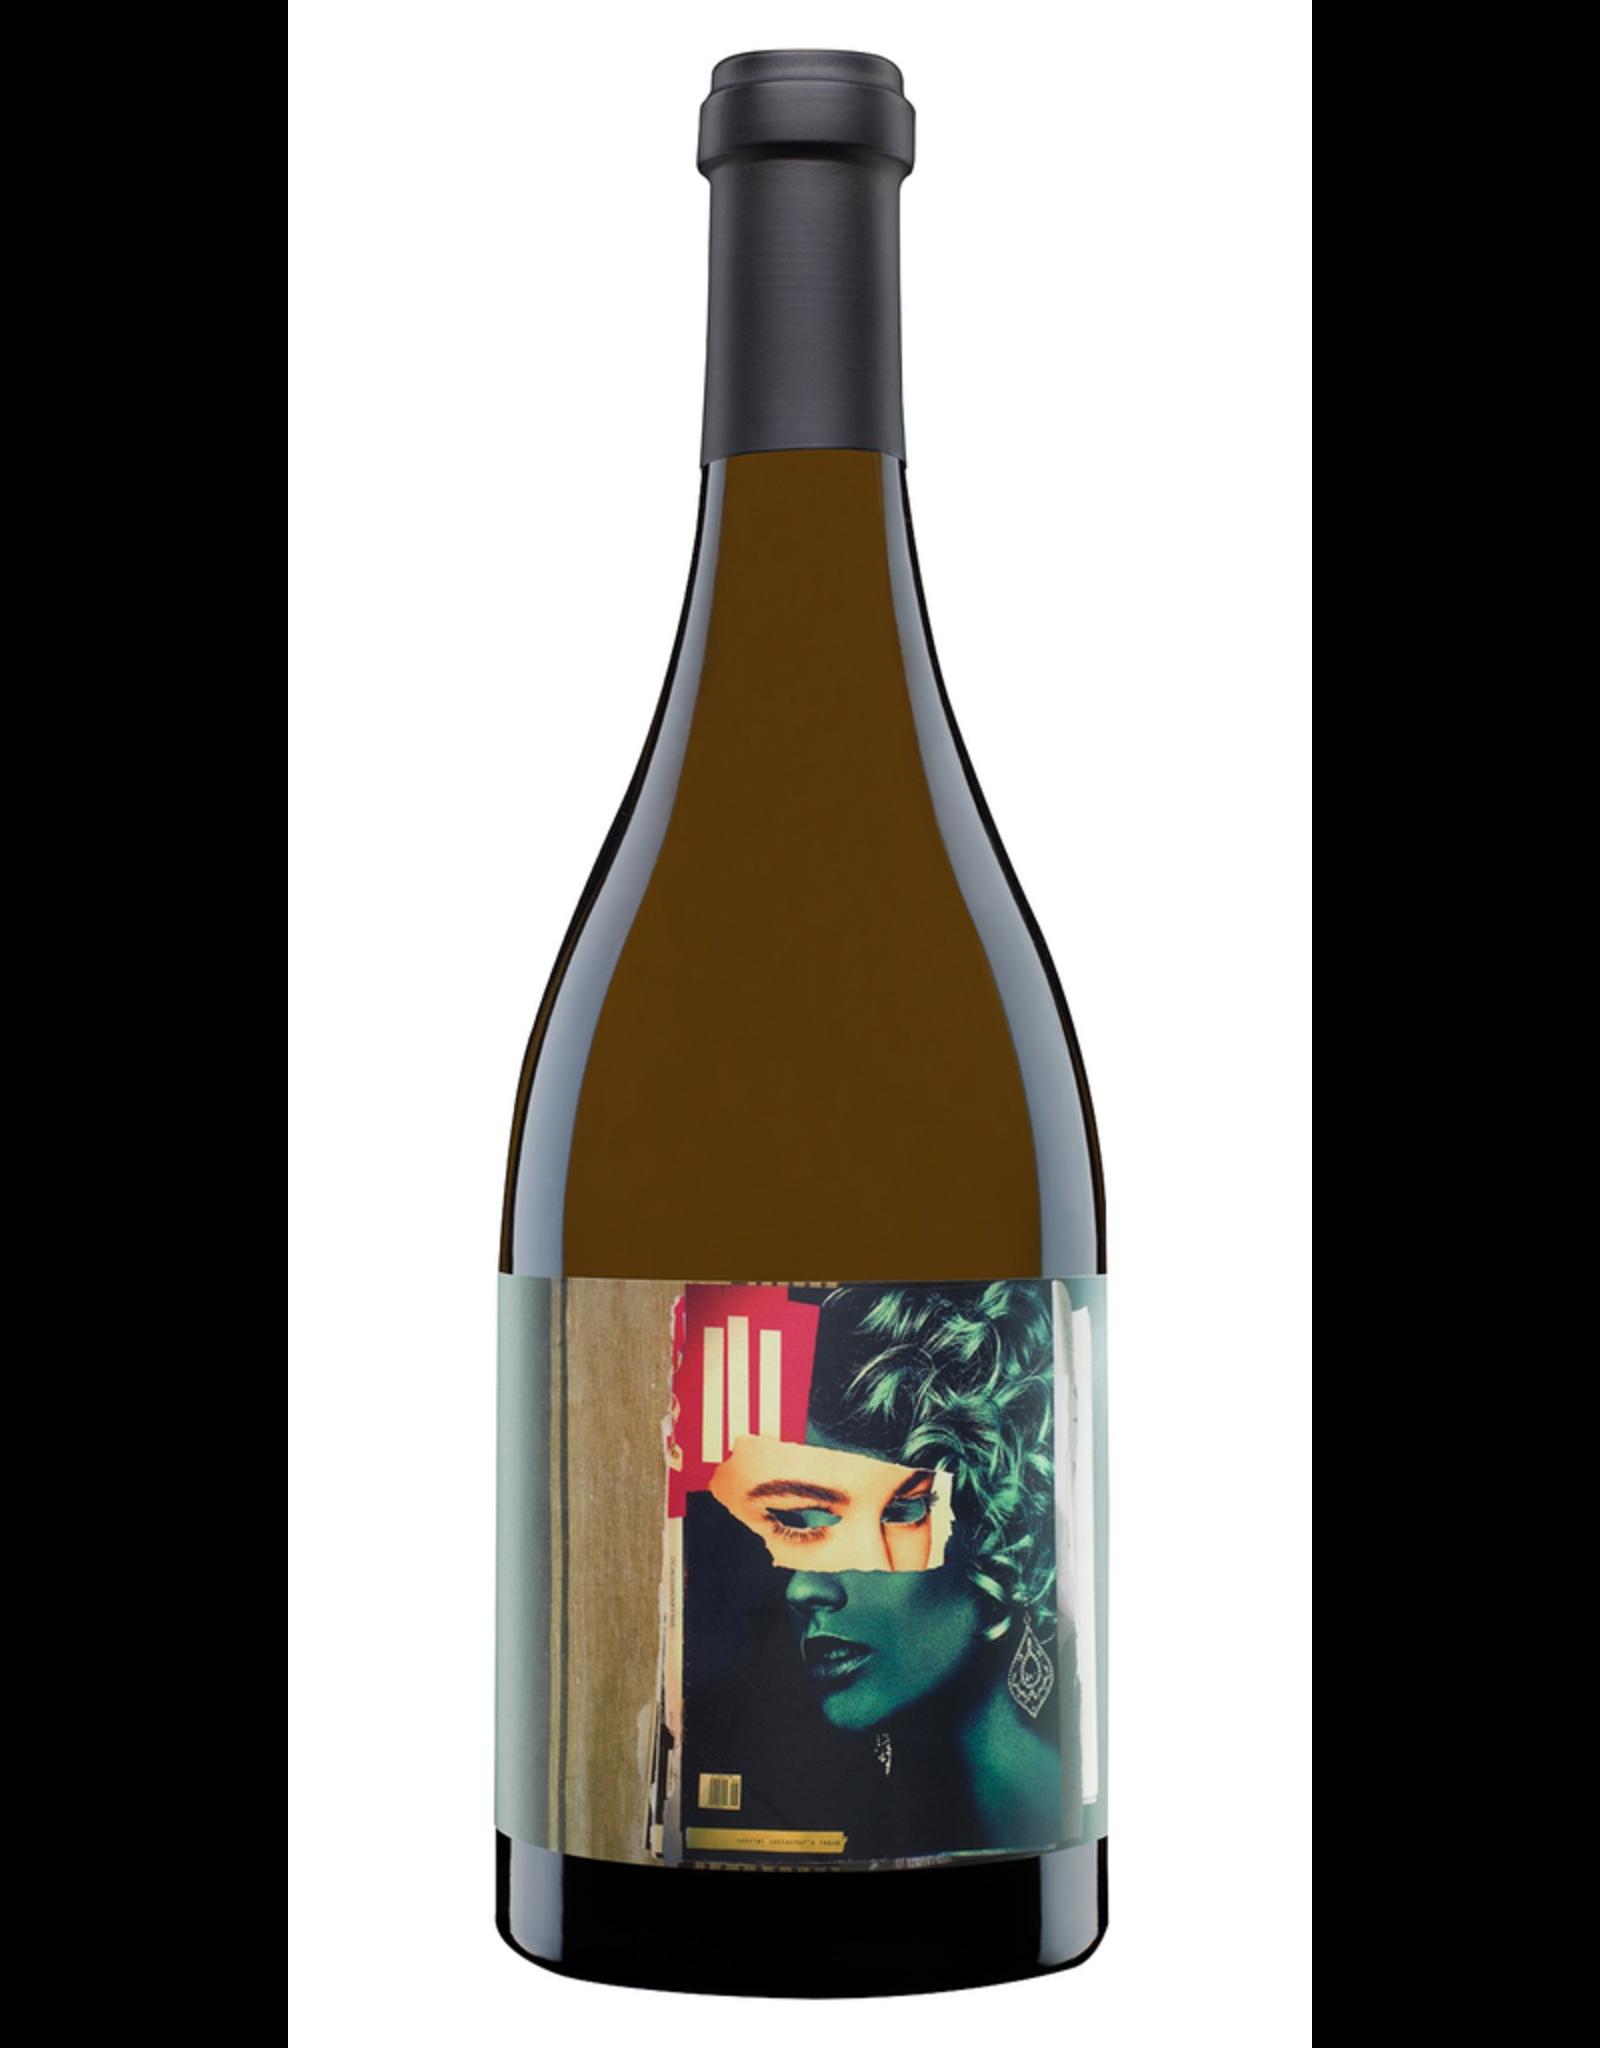 White Wine 2019, Orin Swift Blank Stare, Sauvignon Blanc, Multi-regional Blend, Napa Valley, California,14.5% Alc, CTnr